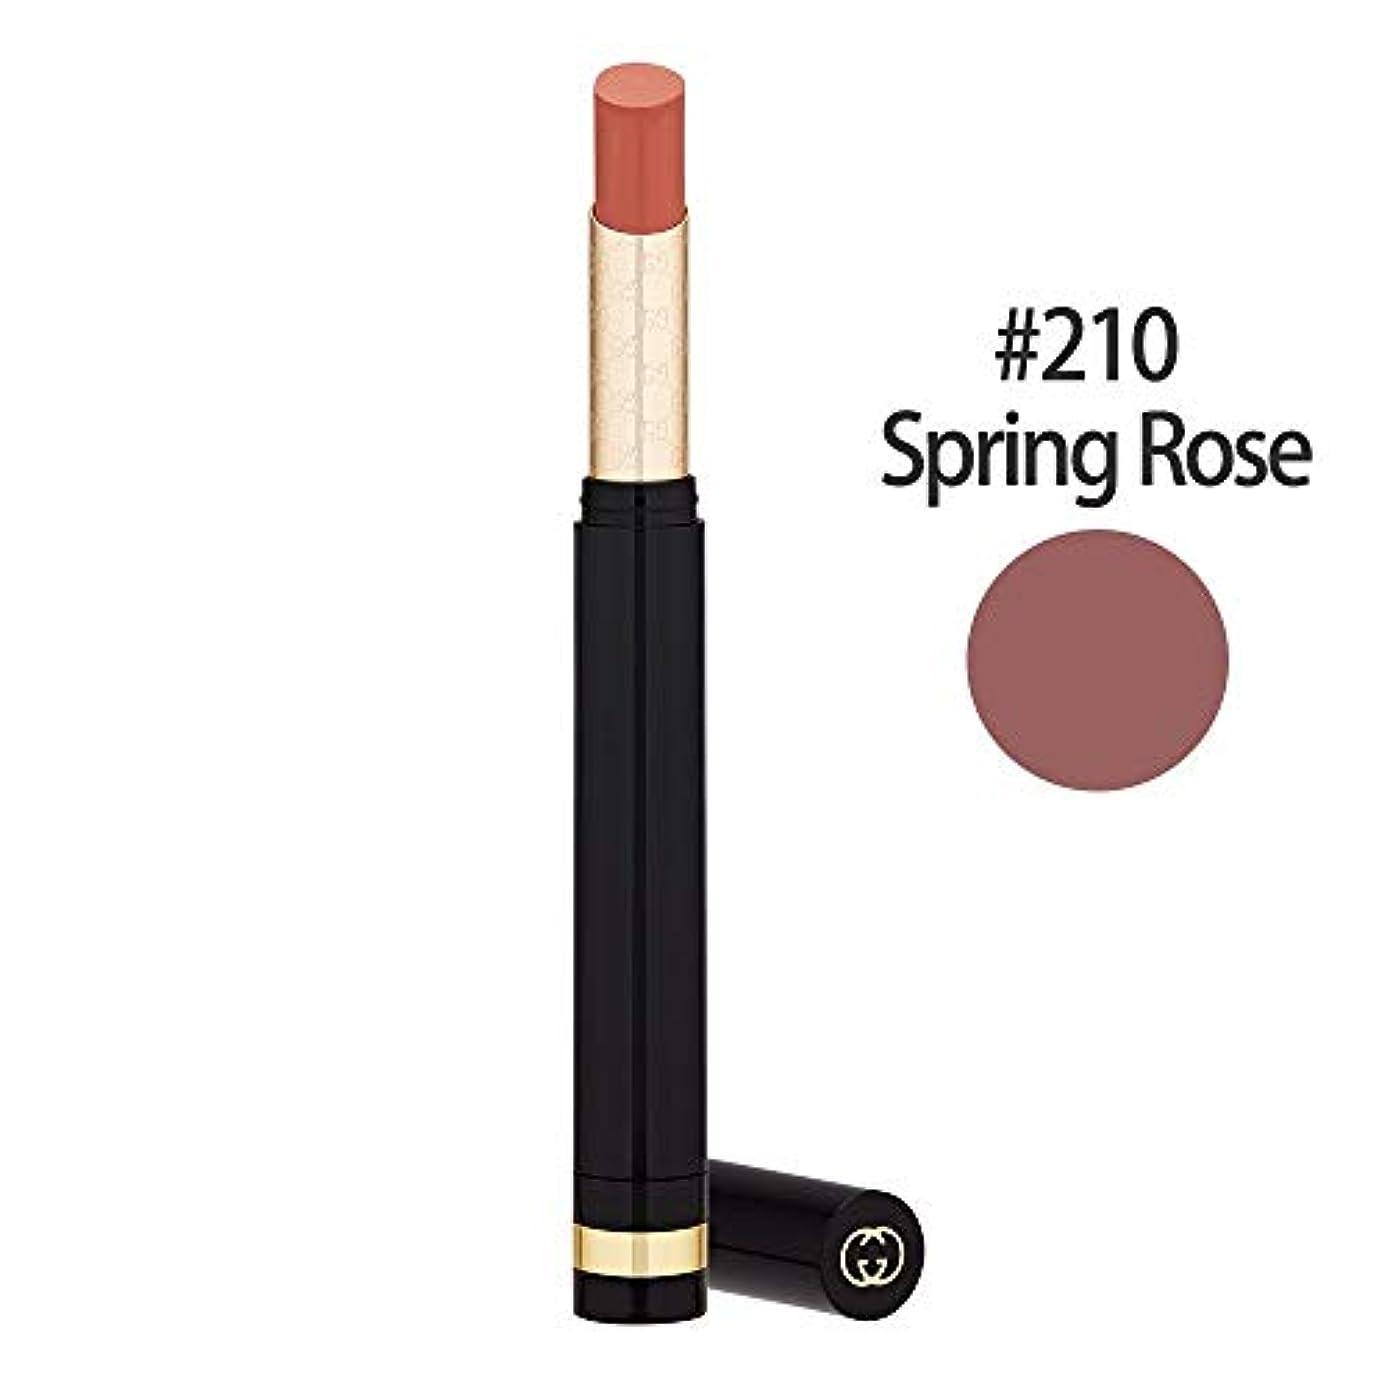 人柄医療過誤施設グッチ(GUCCI) センシュアスディープマット リップスティック #210(Spring Rose) 1.5g [並行輸入品]